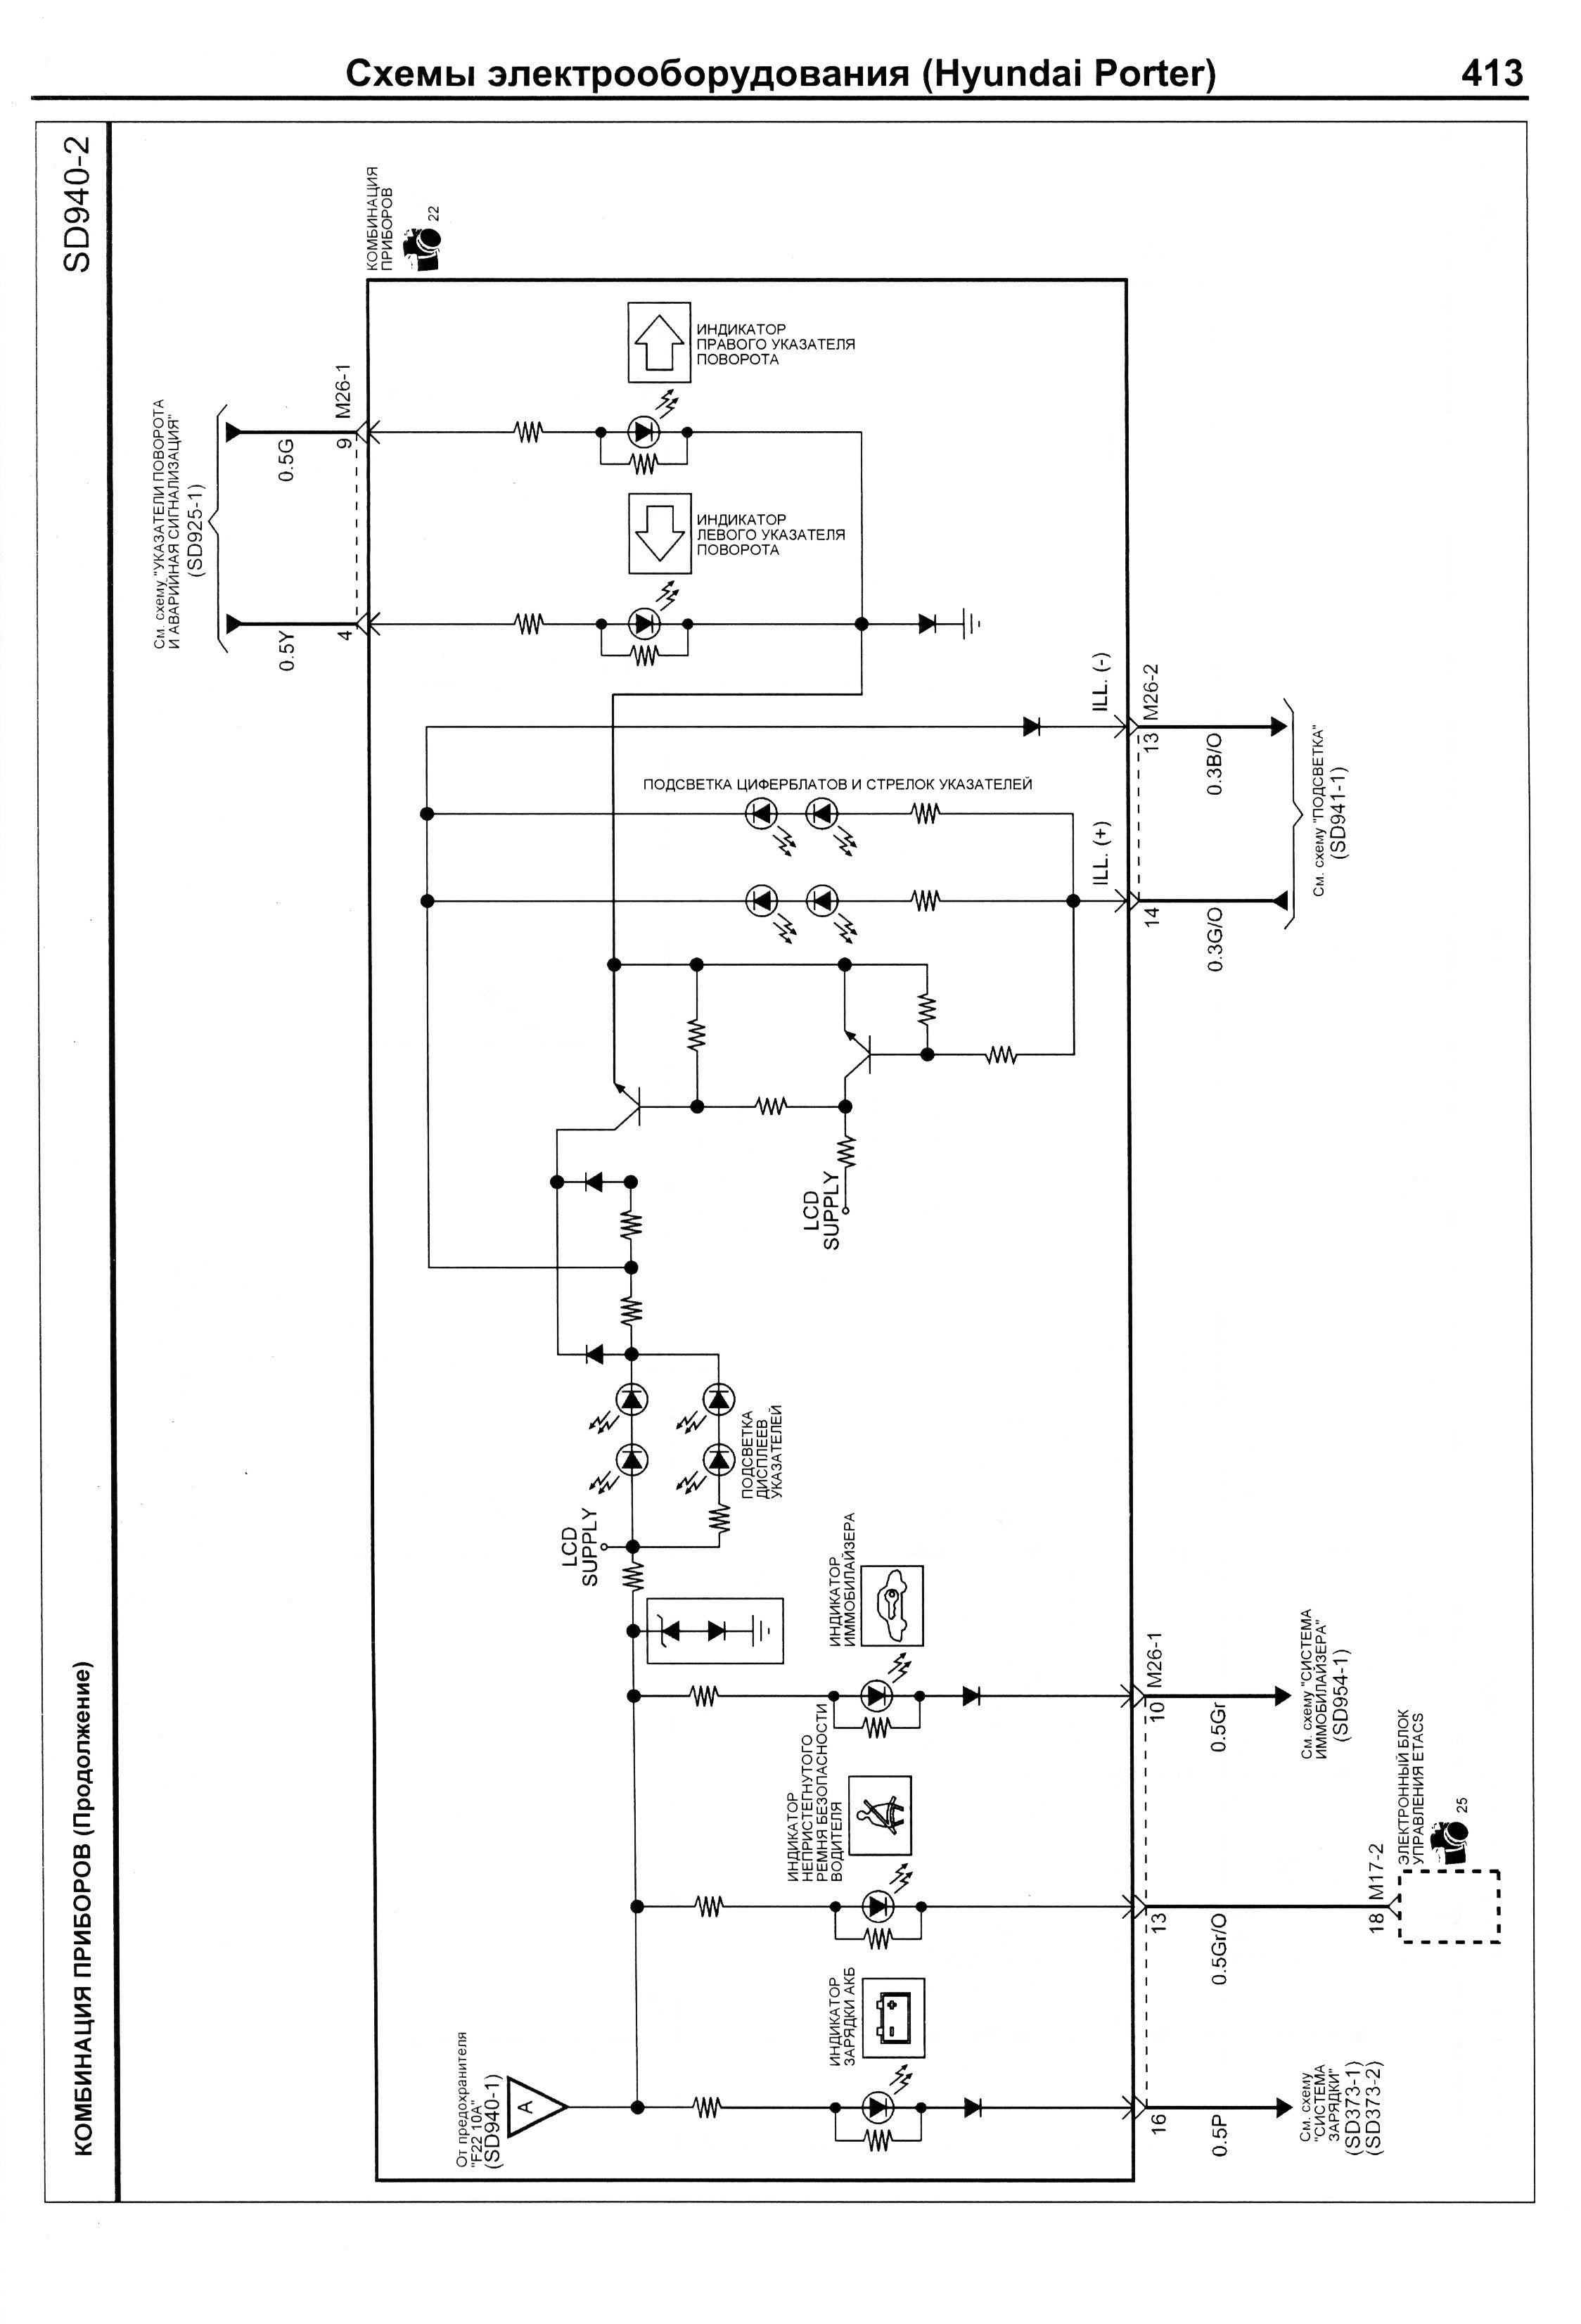 схема дизельного двигателя хендай портер